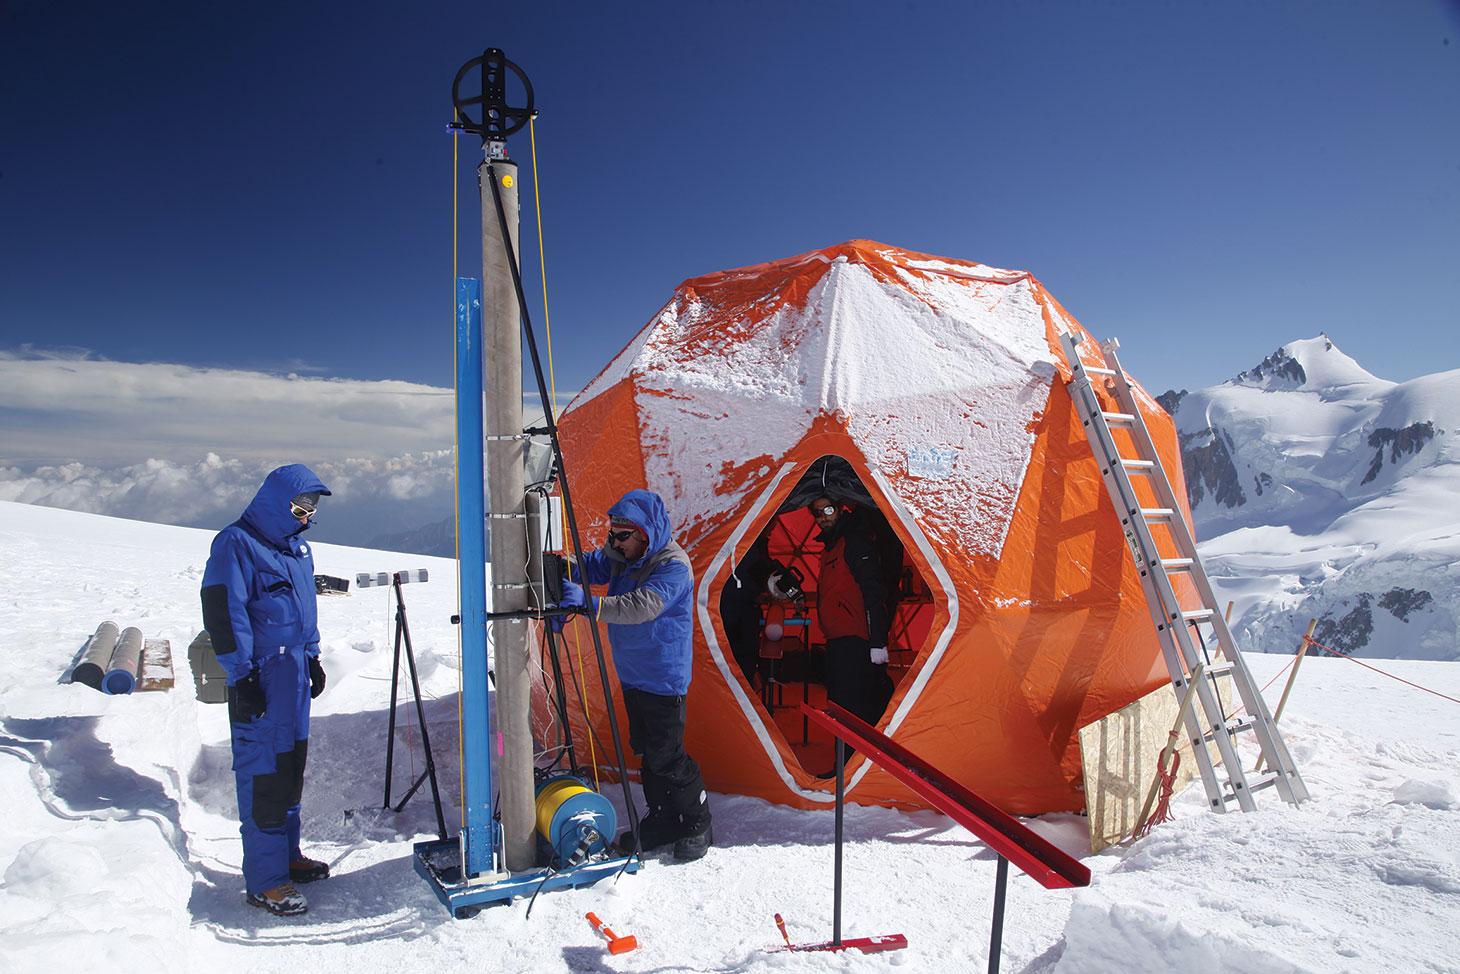 Le carottier est un tube équipé de lames qui coupent la glace en s'enfonçant, entraîné par un moteur. Vladimir Mikhalenko est aux manettes, sous l'oeil attentif de Patrick Ginot, le responsable de l'expédition.